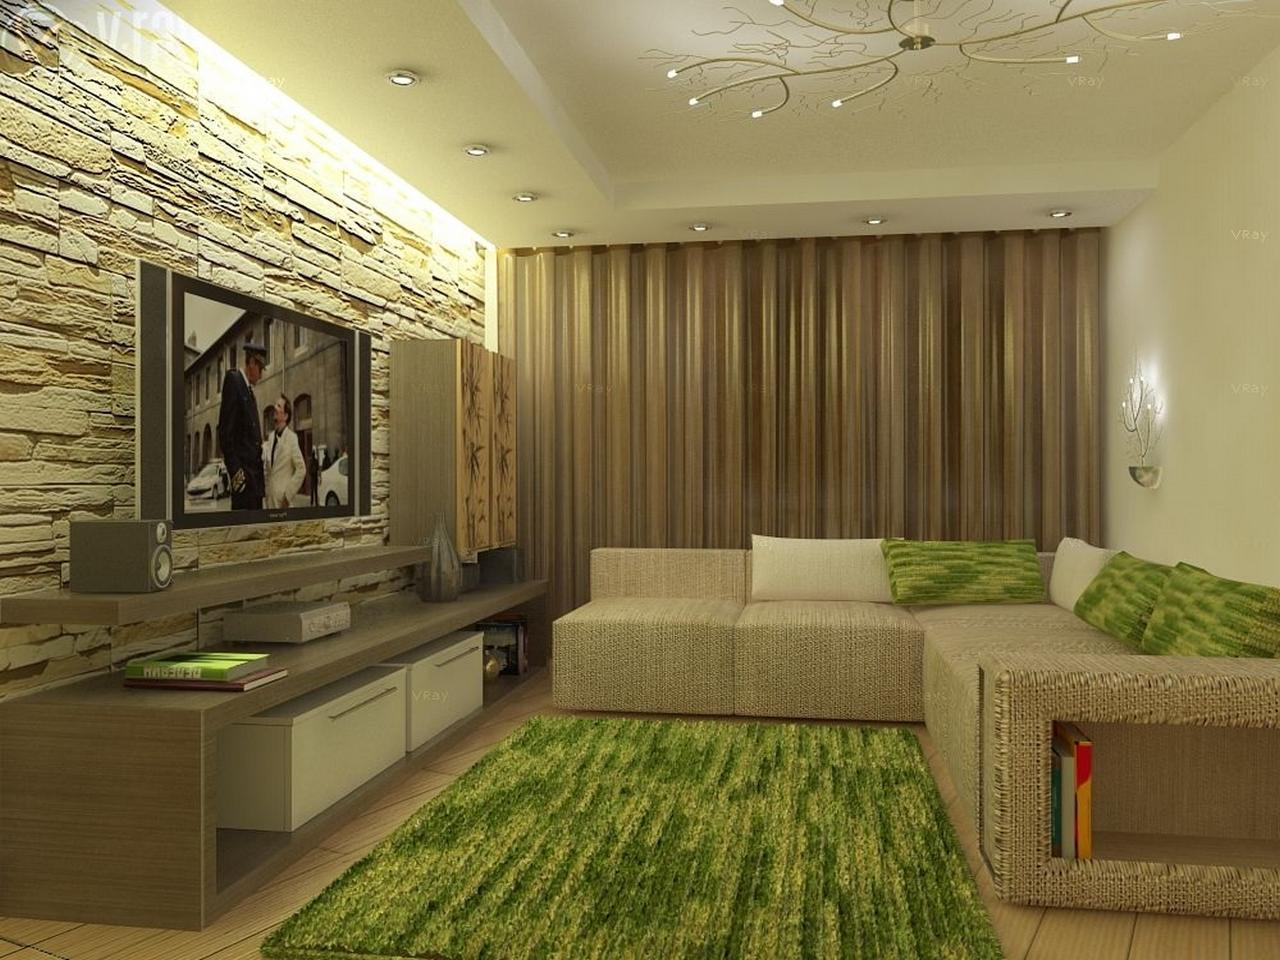 Ремонт квартиры под ключ — Улан-Удэ — MyHomeru